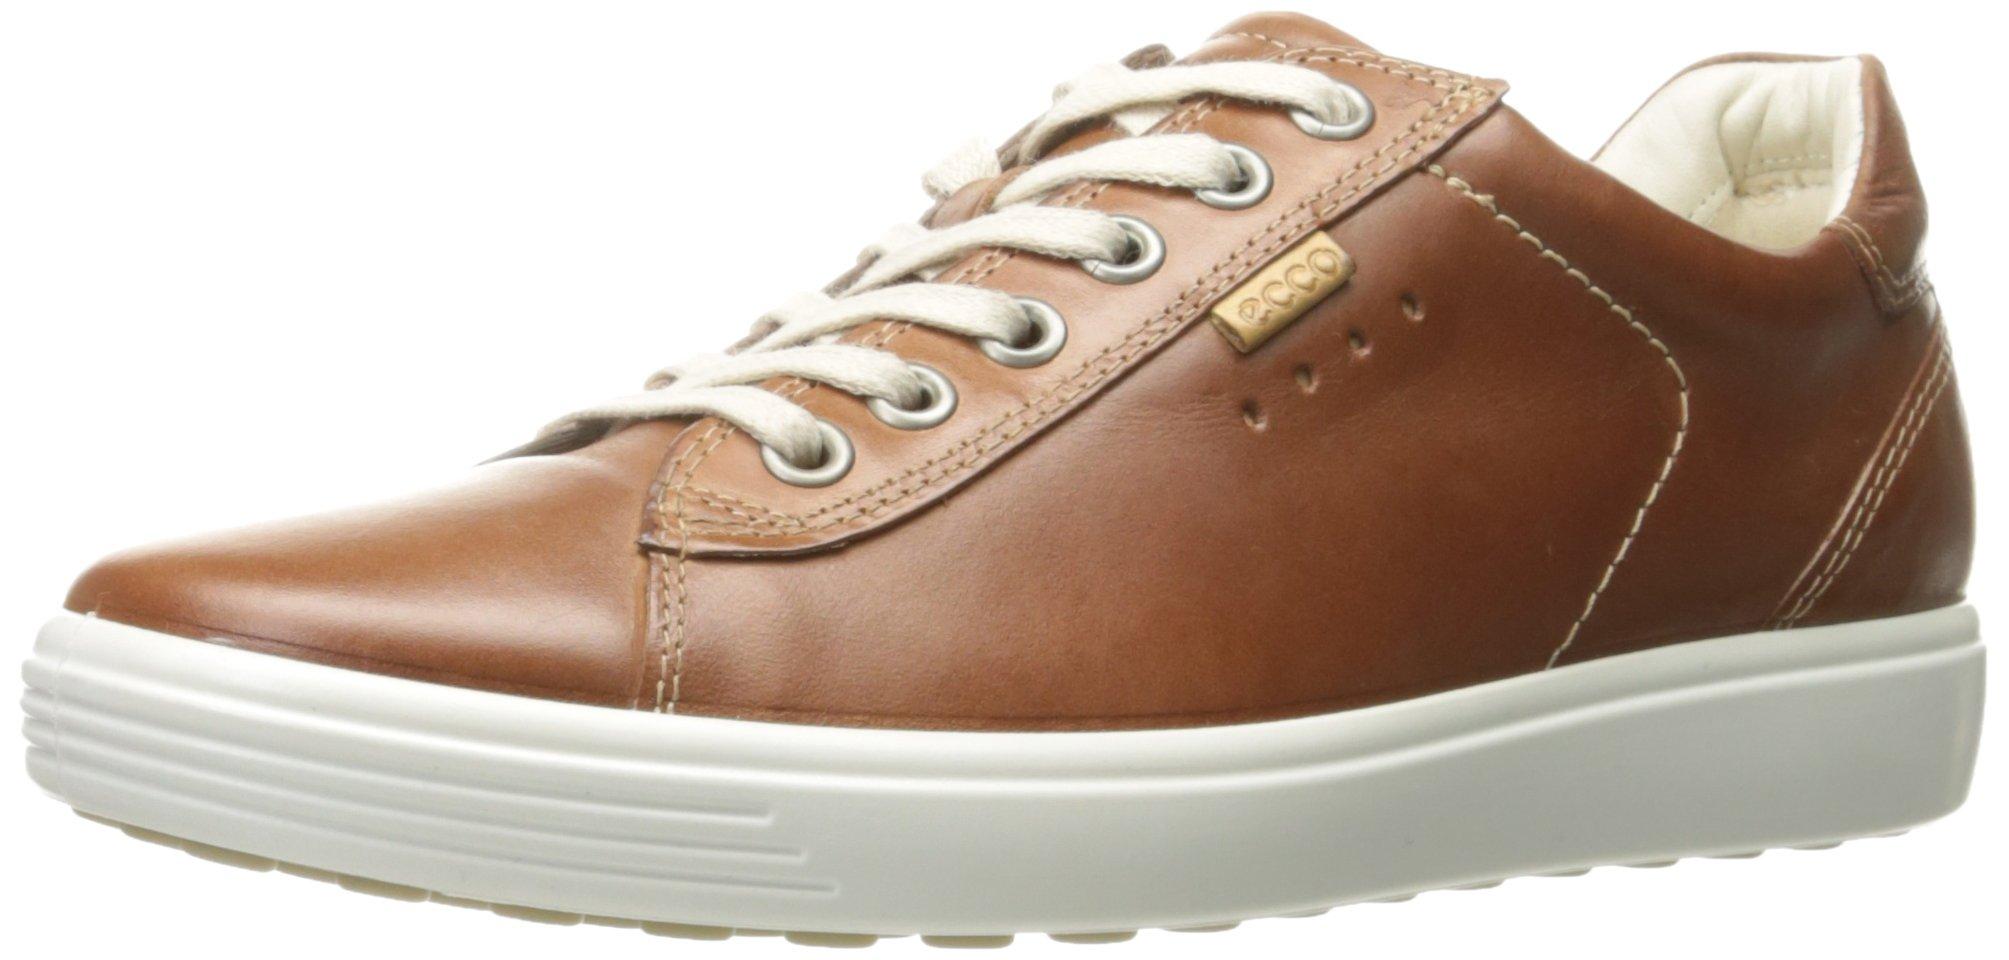 ECCO Women's Women's Soft Fashion Sneaker, Mahogany, 37 EU/6-6.5 M US